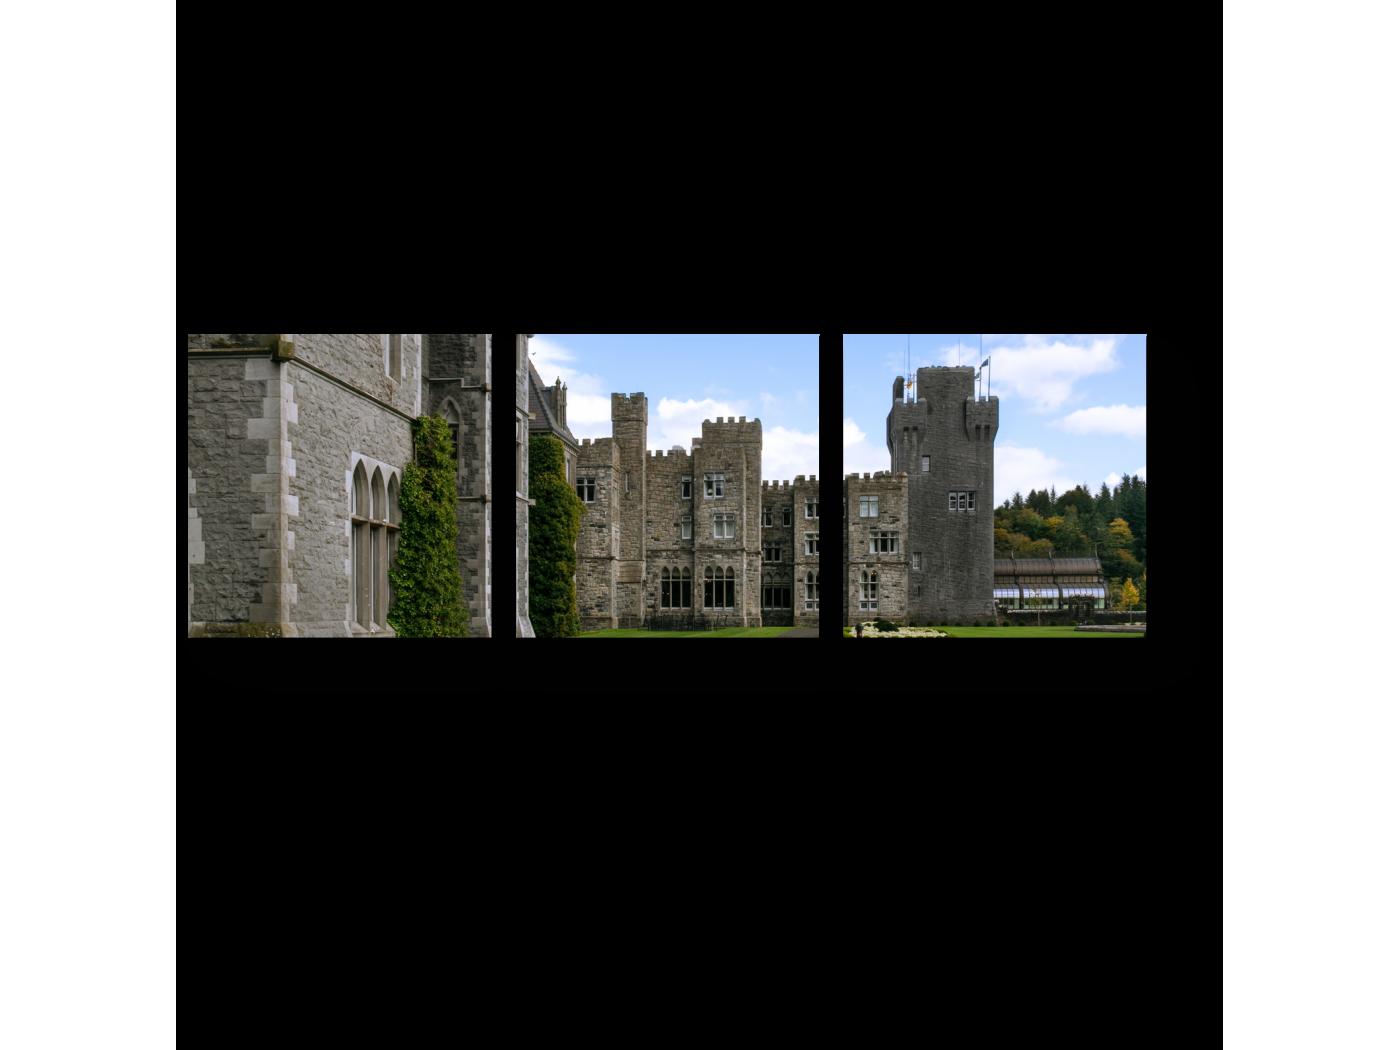 Модульная картина Средневековый замок в Ирландии (60x20) фото